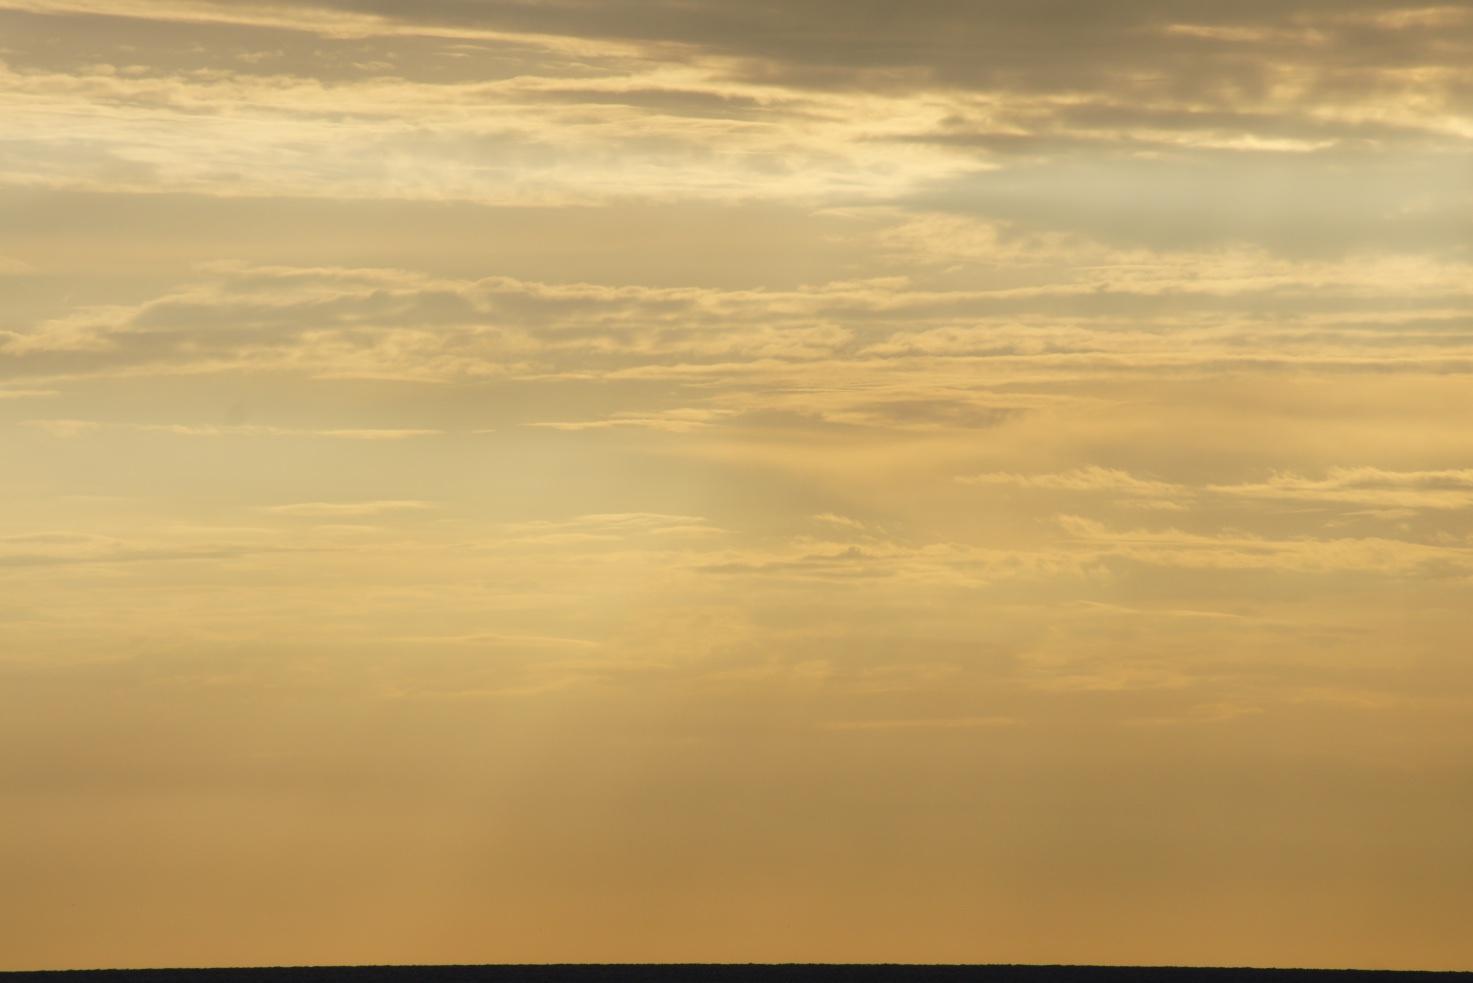 Crépuscule dans les nuages, Qerret, 11 septembre 2014